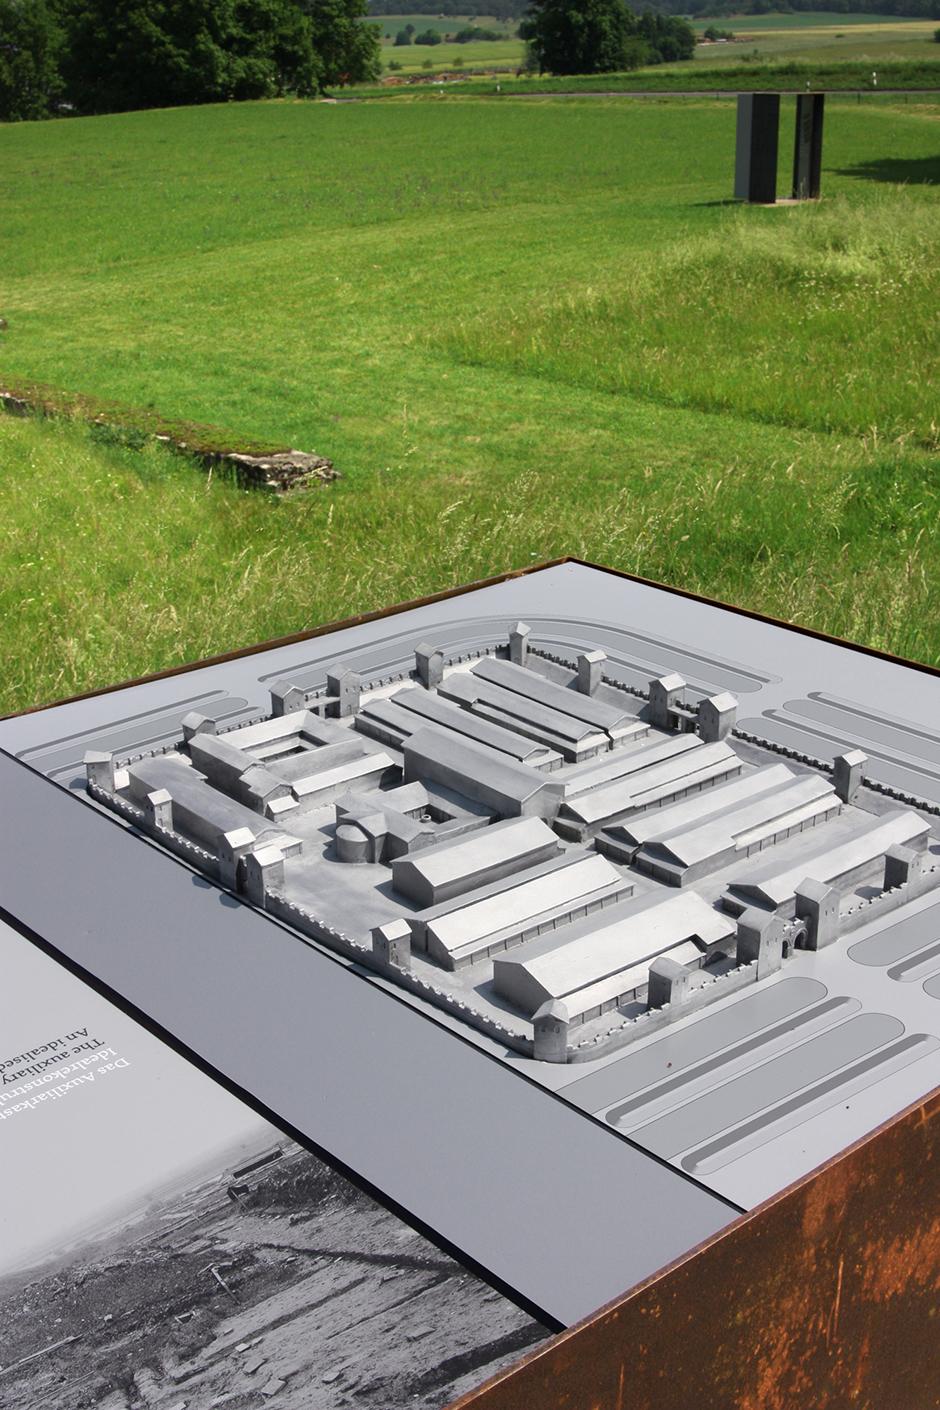 Ausstellungsarchitektur. Erklärendes Modell auf einer Wiese.